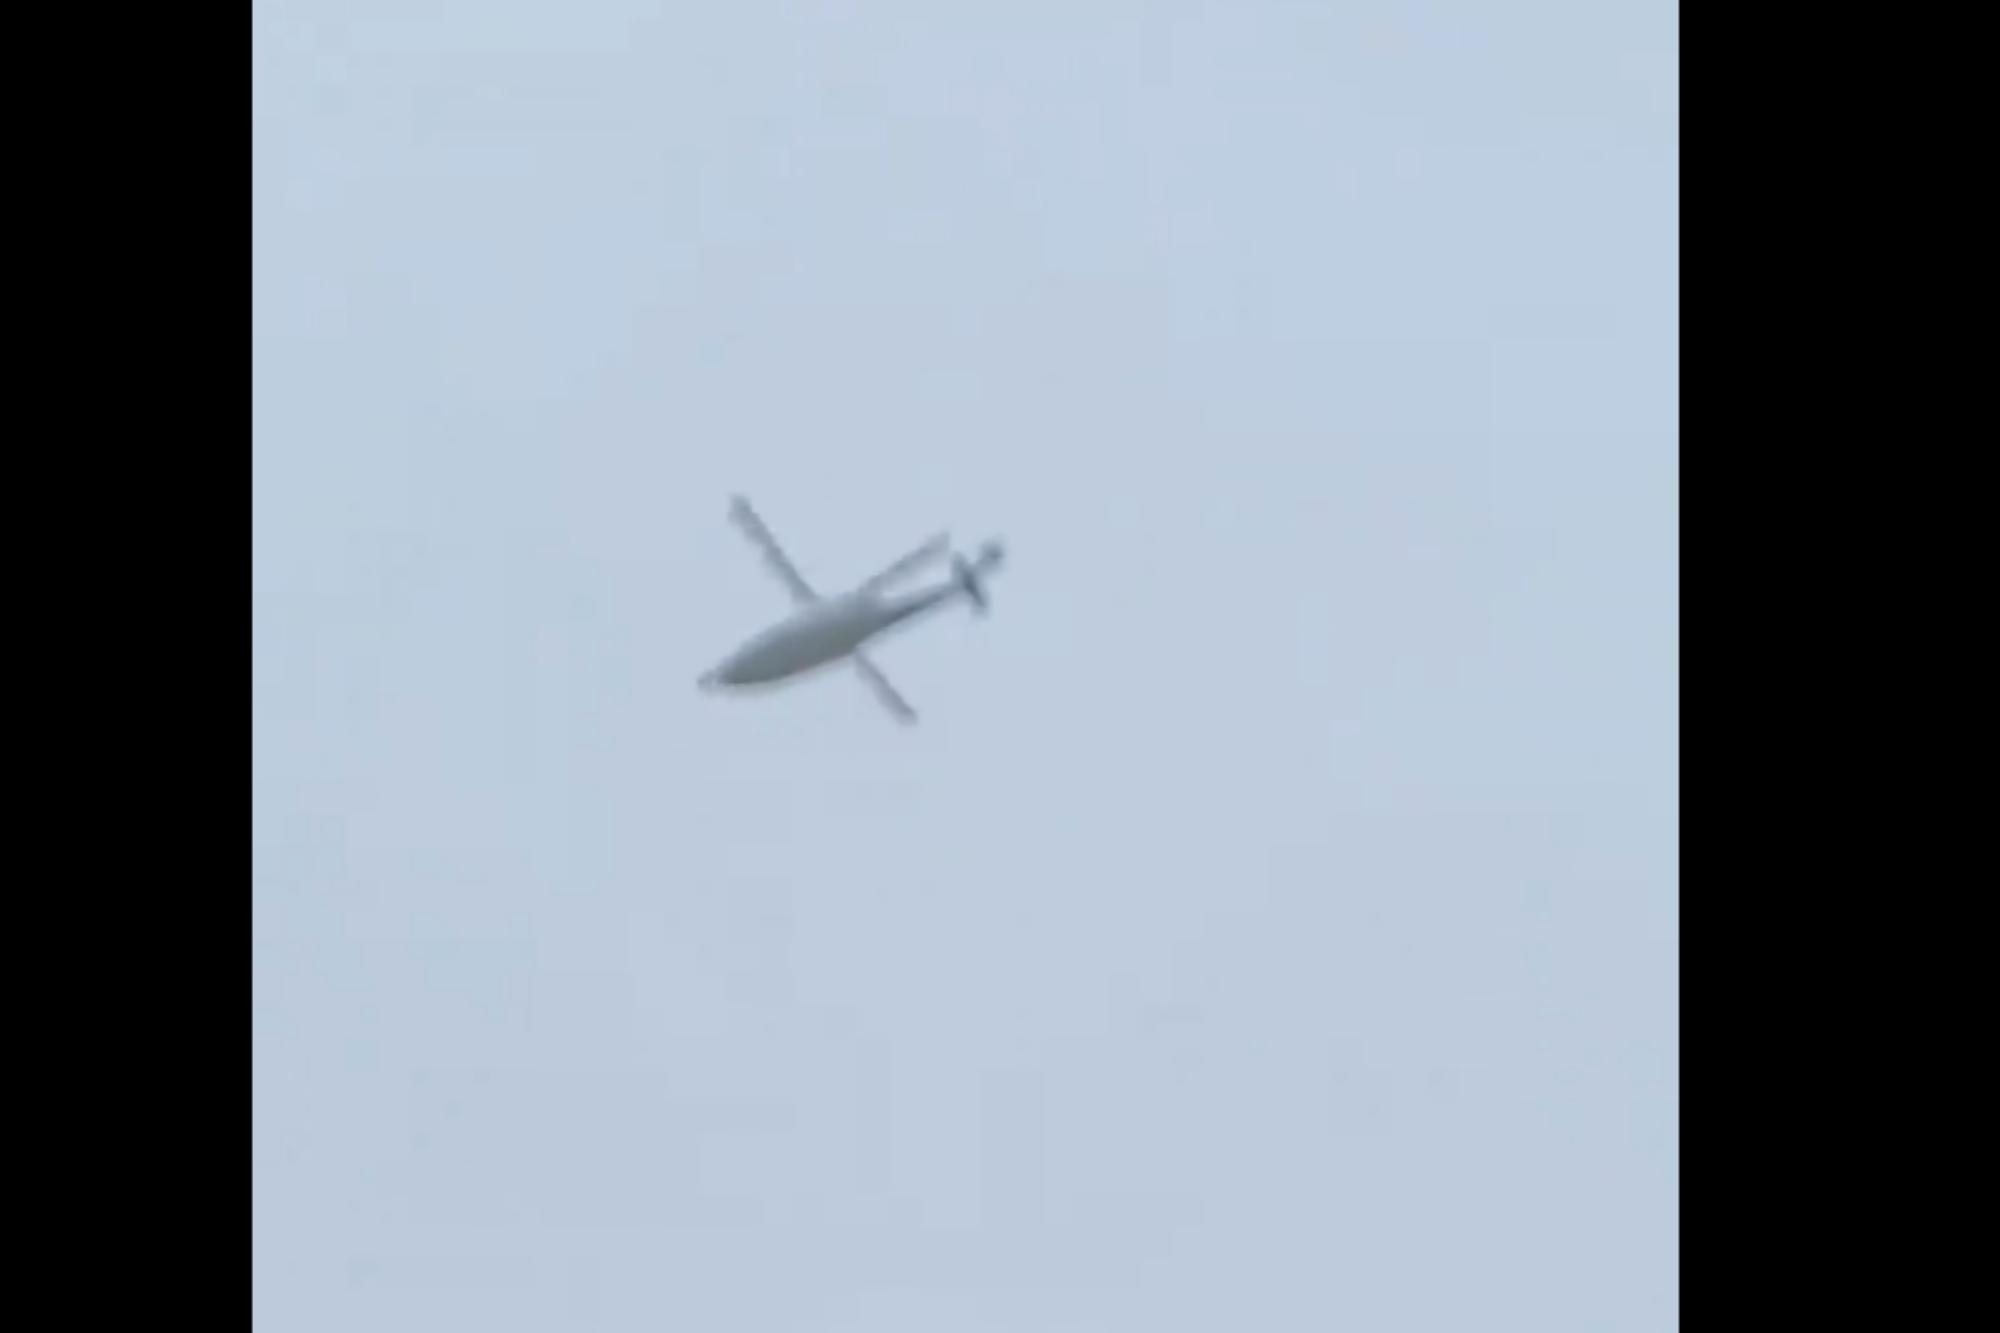 Video: se conocieron las primeras imágenes del helicóptero de Kobe Bryant minutos antes del accidente